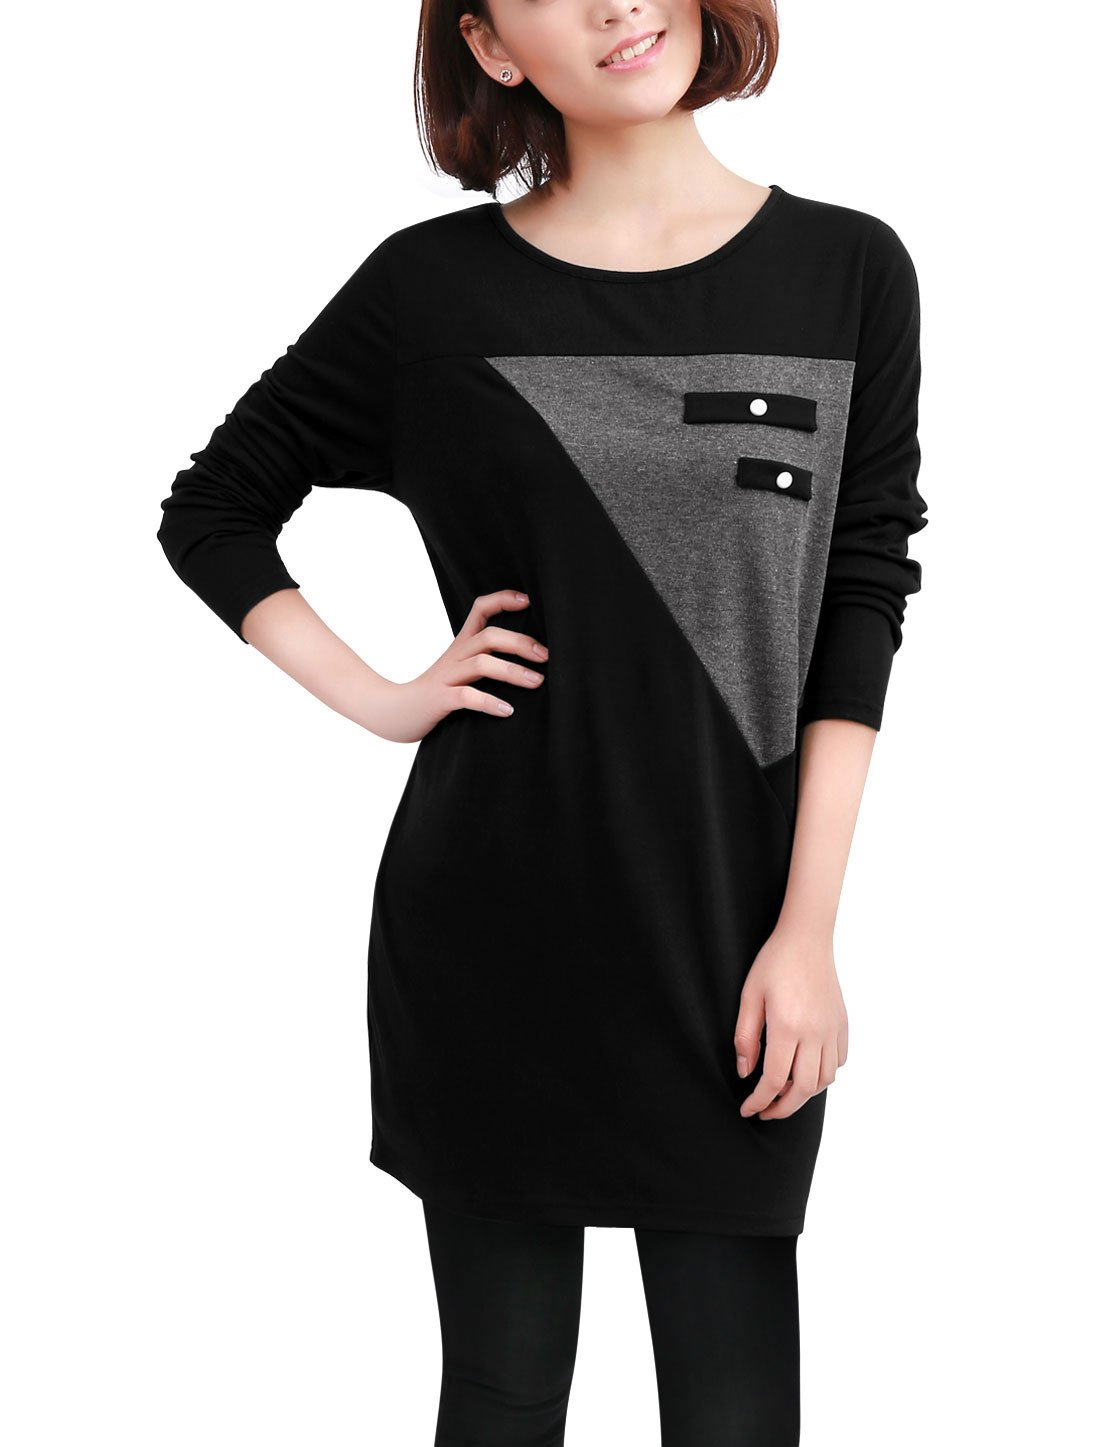 Allegra K Women's Contrast Color Loose Drop Shoulder Panel Tunic Top g12120800ux1146